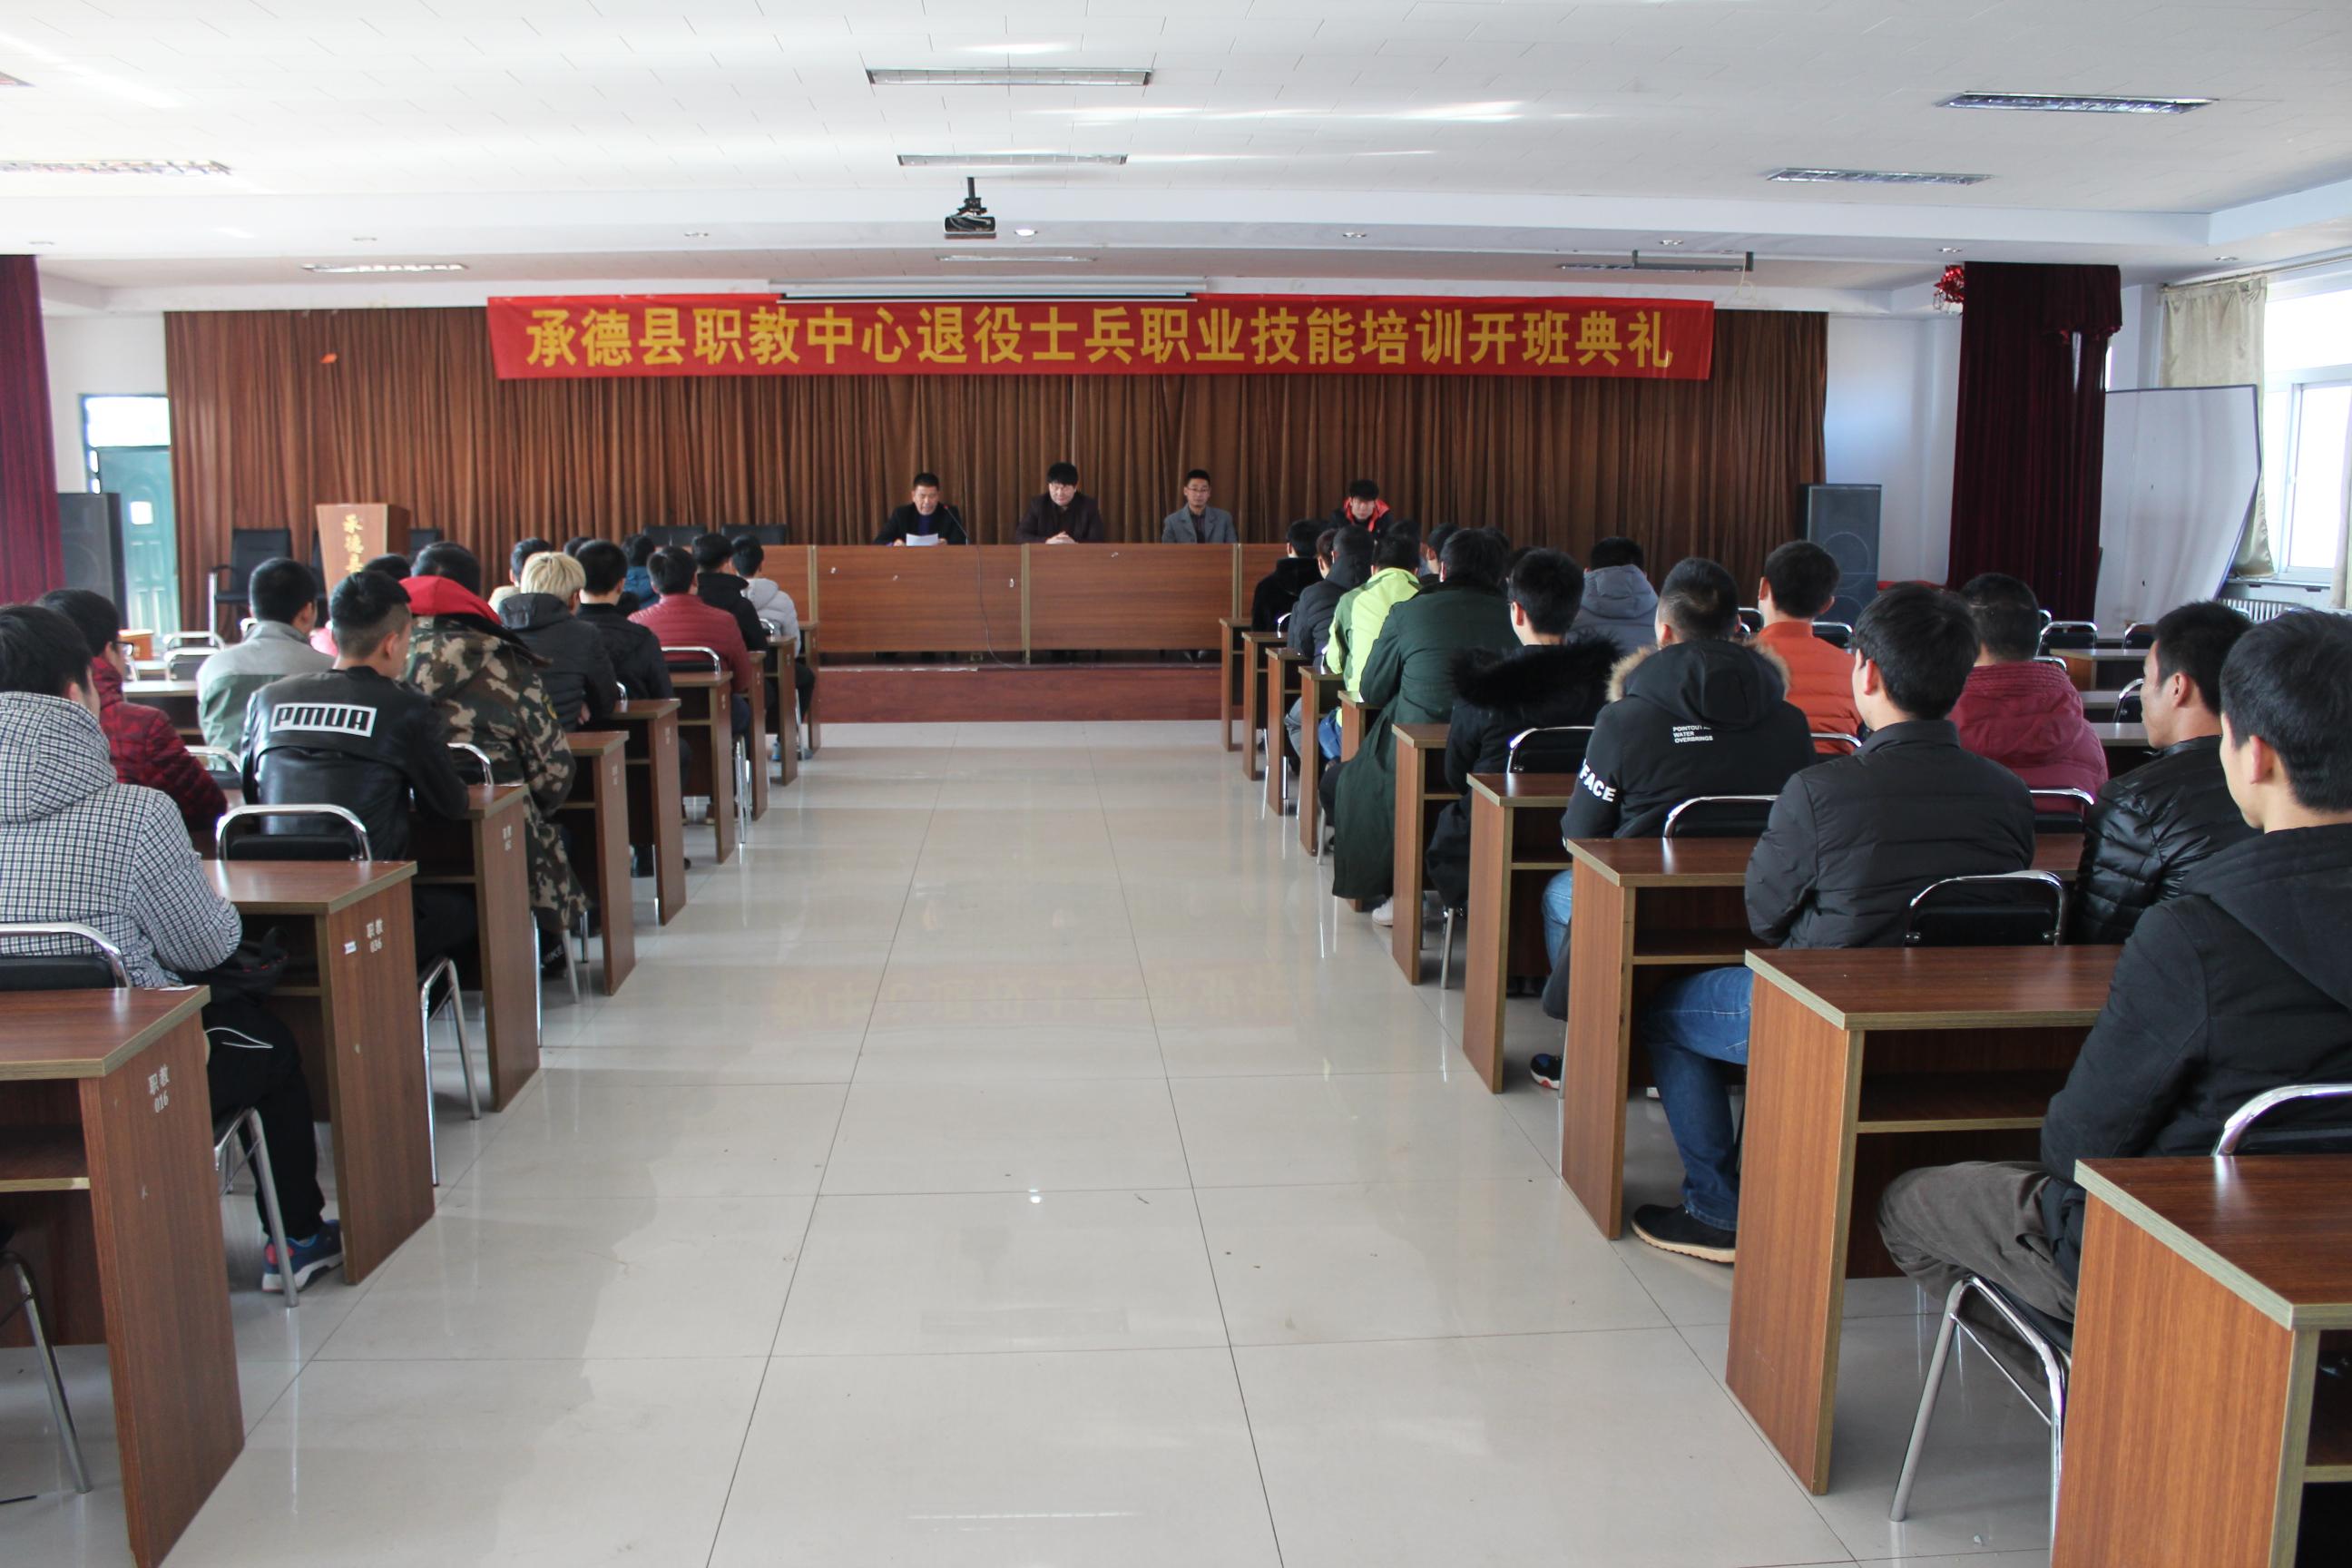 承德县职教中心组织退役士兵进行职业技能培训